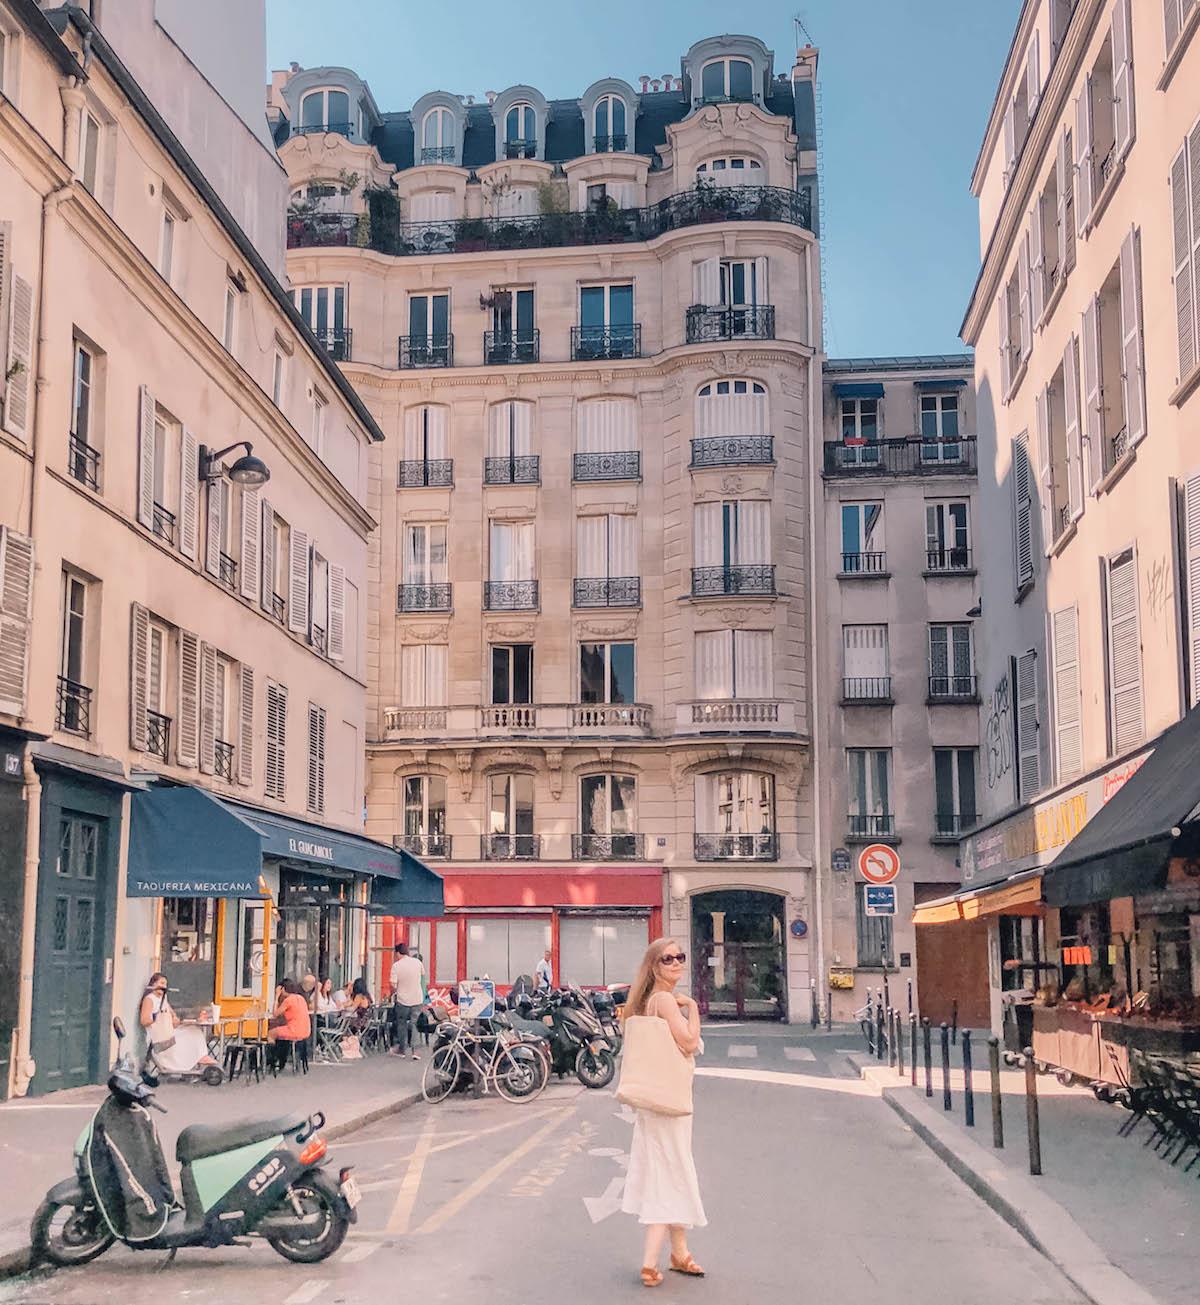 ulica w paryzu